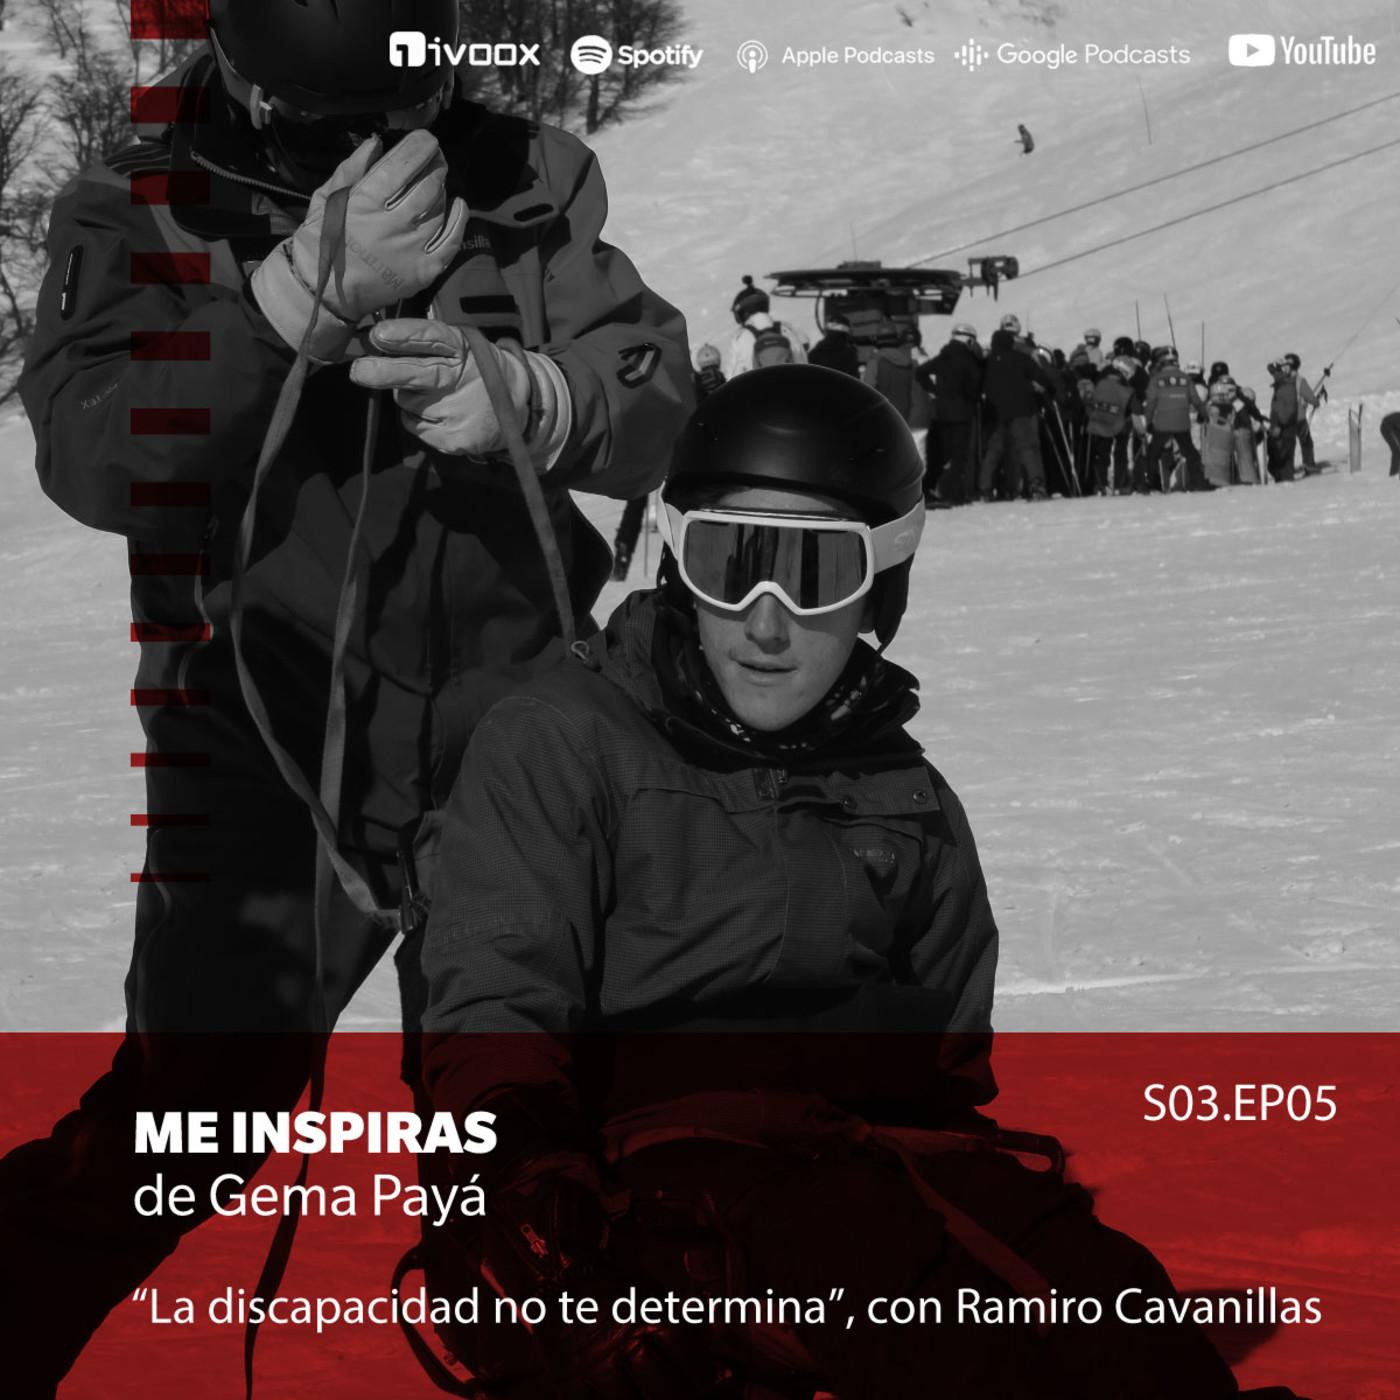 La discapacidad no te determina, con Ramiro Cavanillas en Me Inspiras de Gema Payá